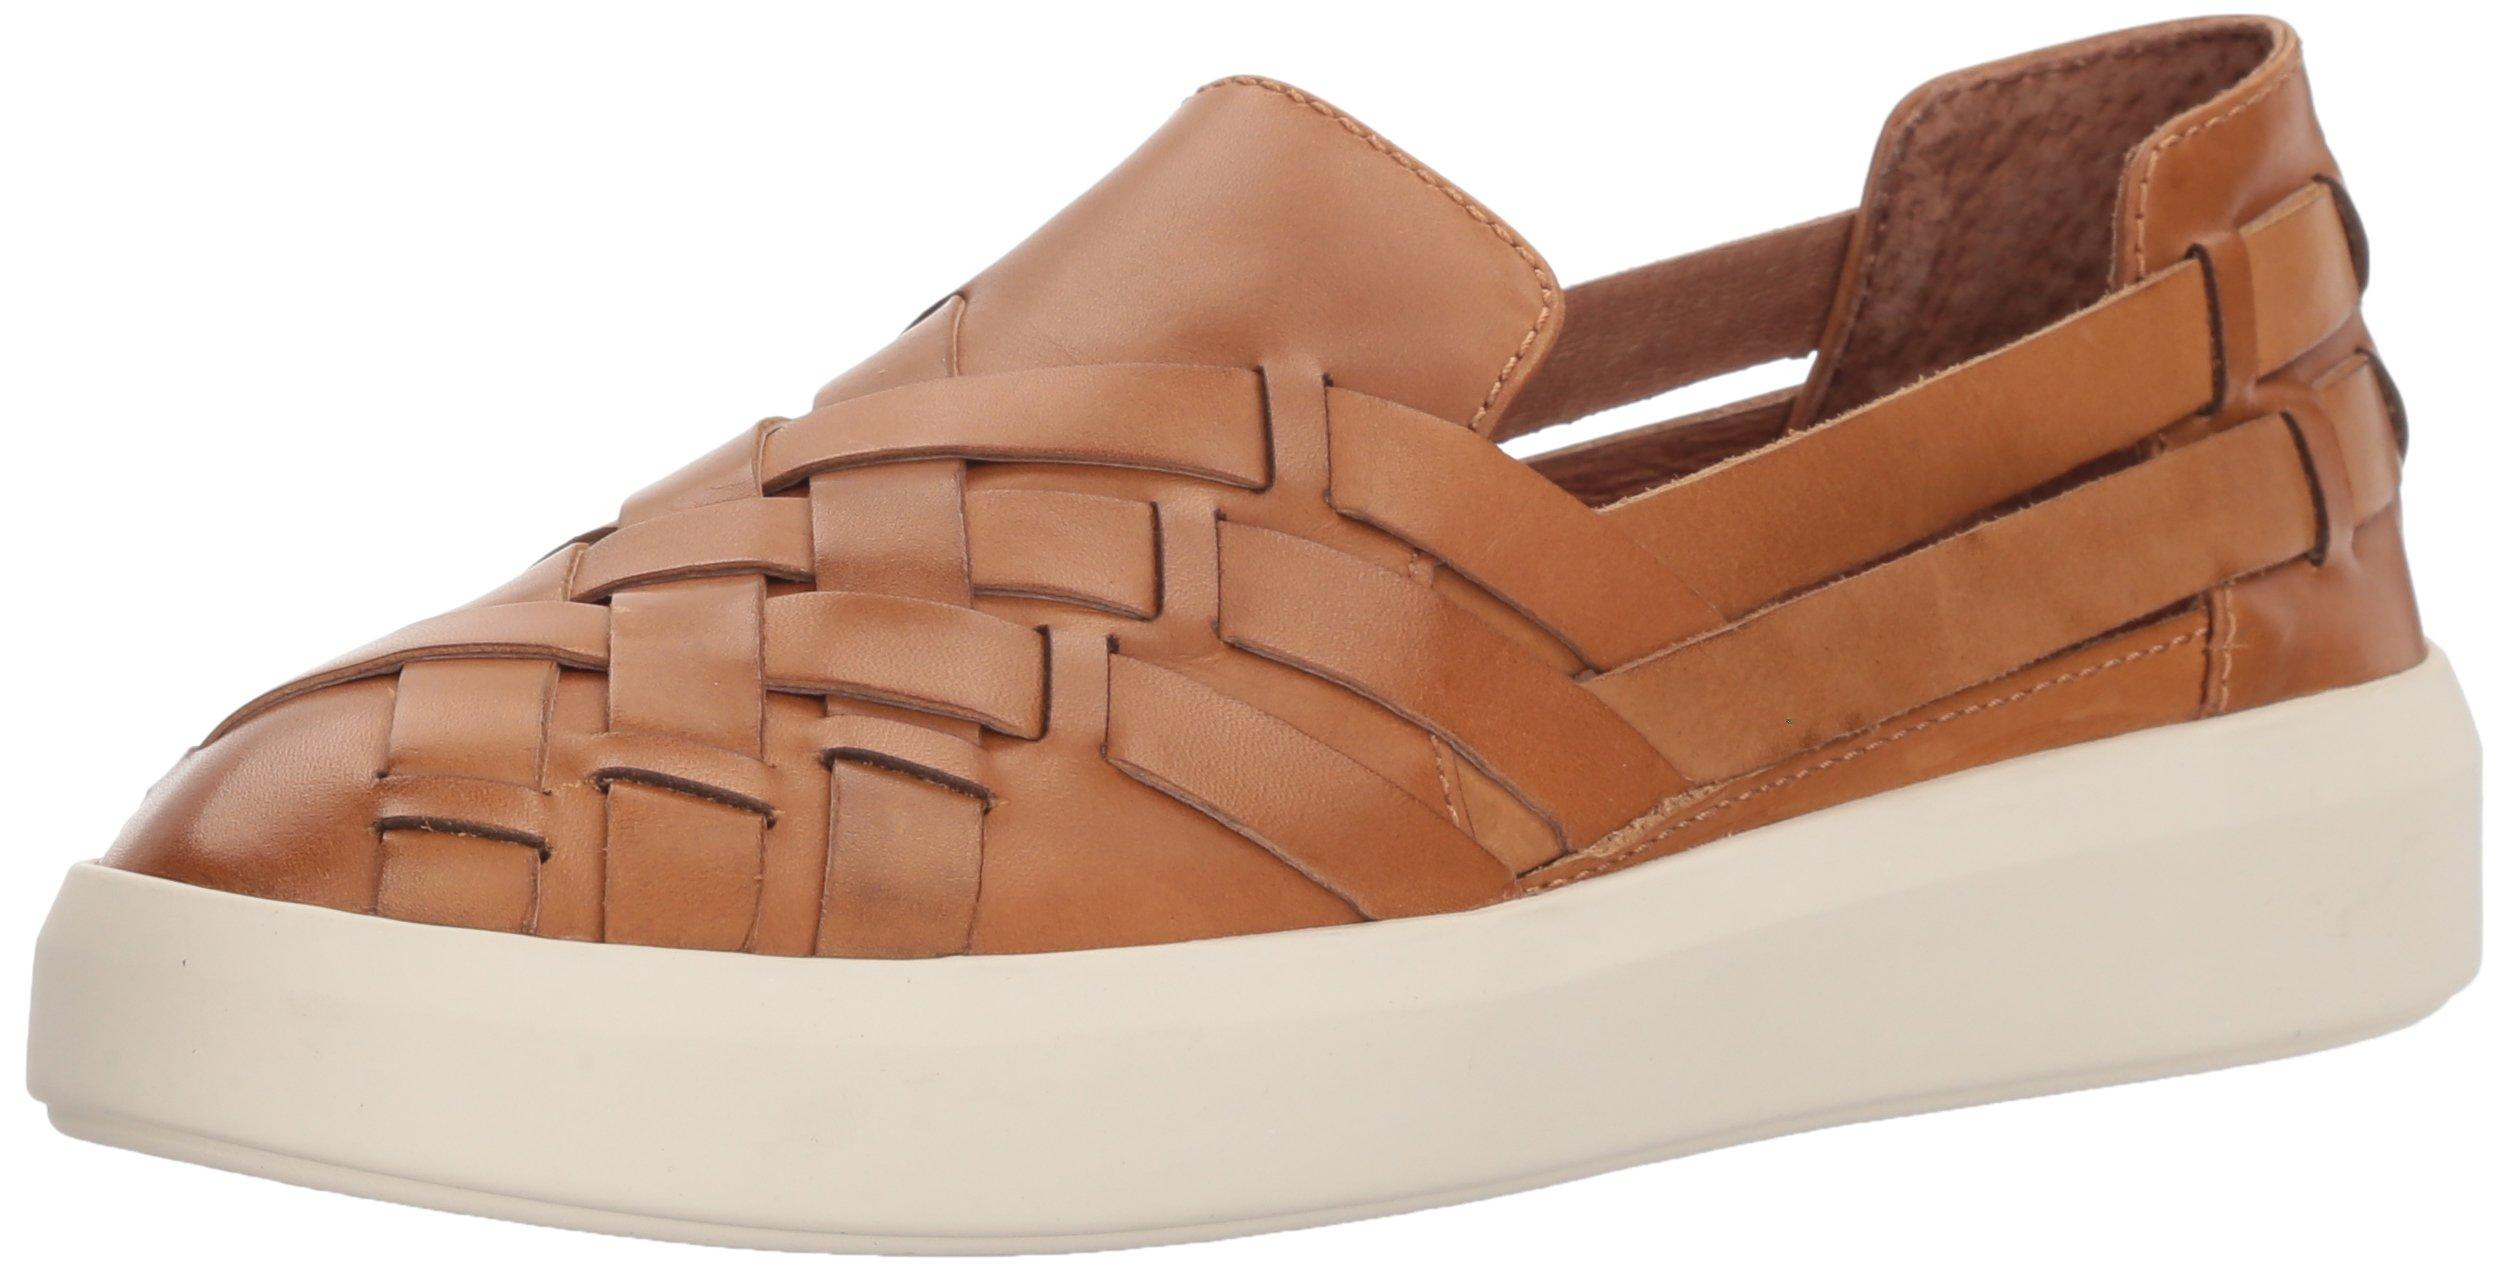 FRYE Women's Brea Hurache Slip On Sneaker, Tan, 8 M US